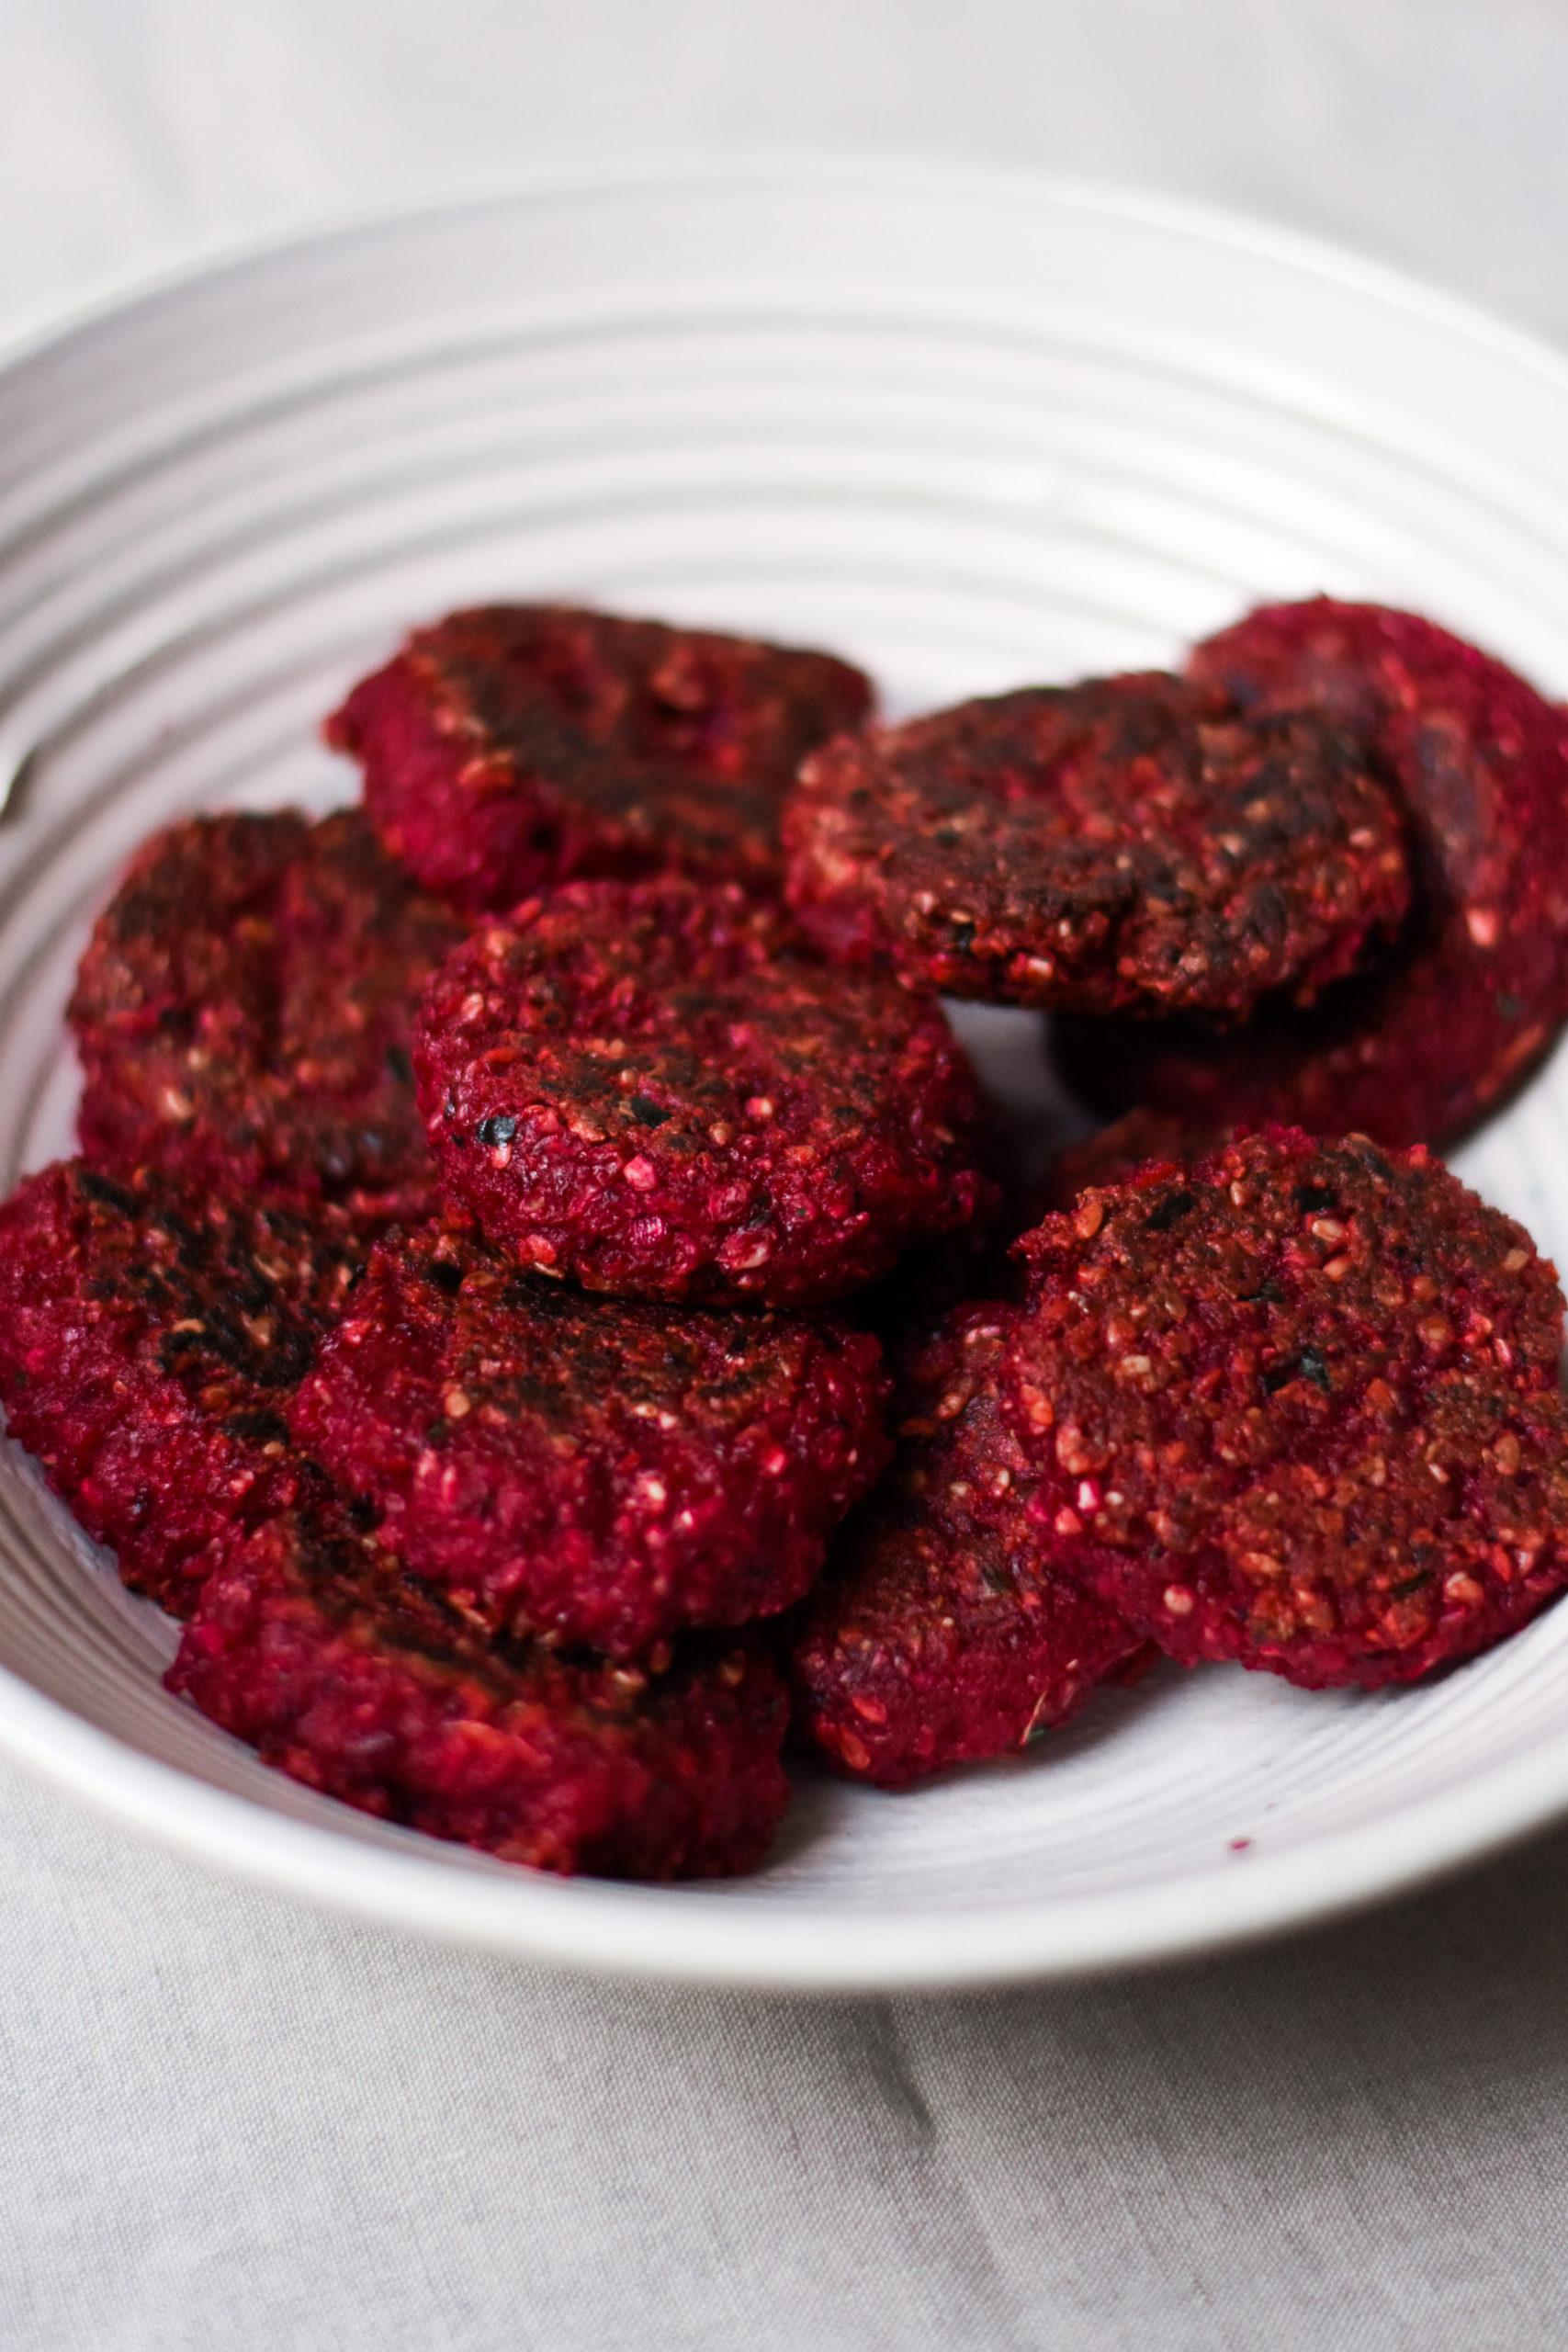 Glutenfreie Rote Bete Patties in einer weißen Schüssel